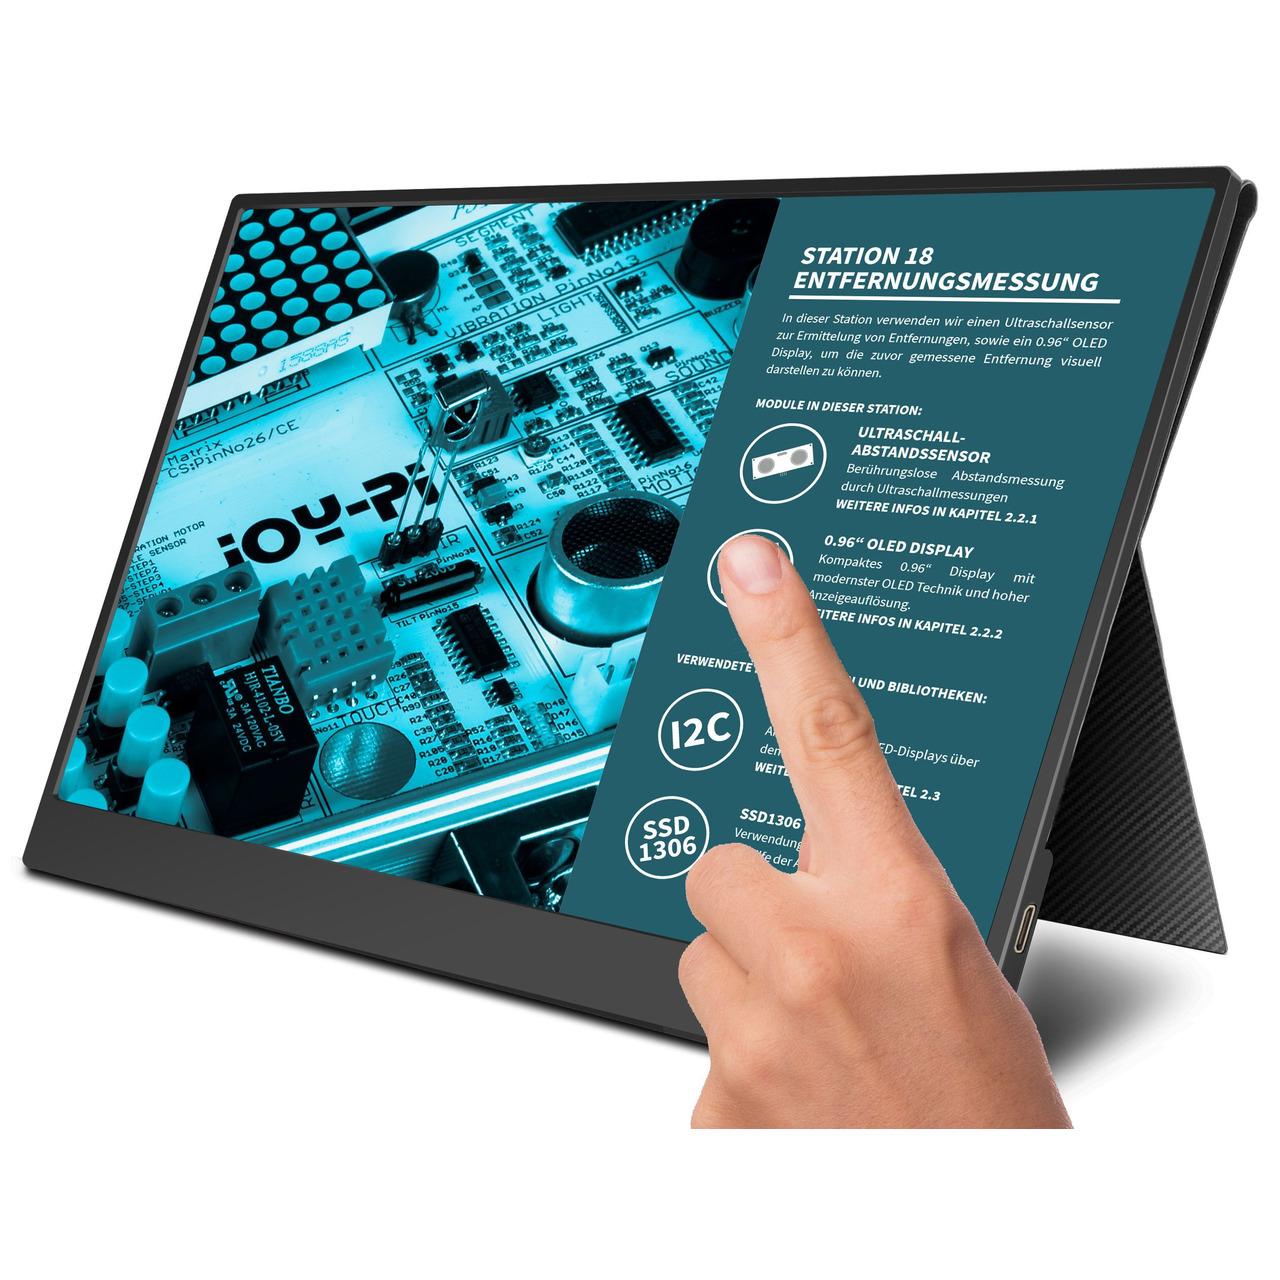 JOY-iT Tragbarer 13-3undquot  Touchscreen-Monitor - Zweitmonitor JOY-VIEW- Smart Case Hund-252 lle